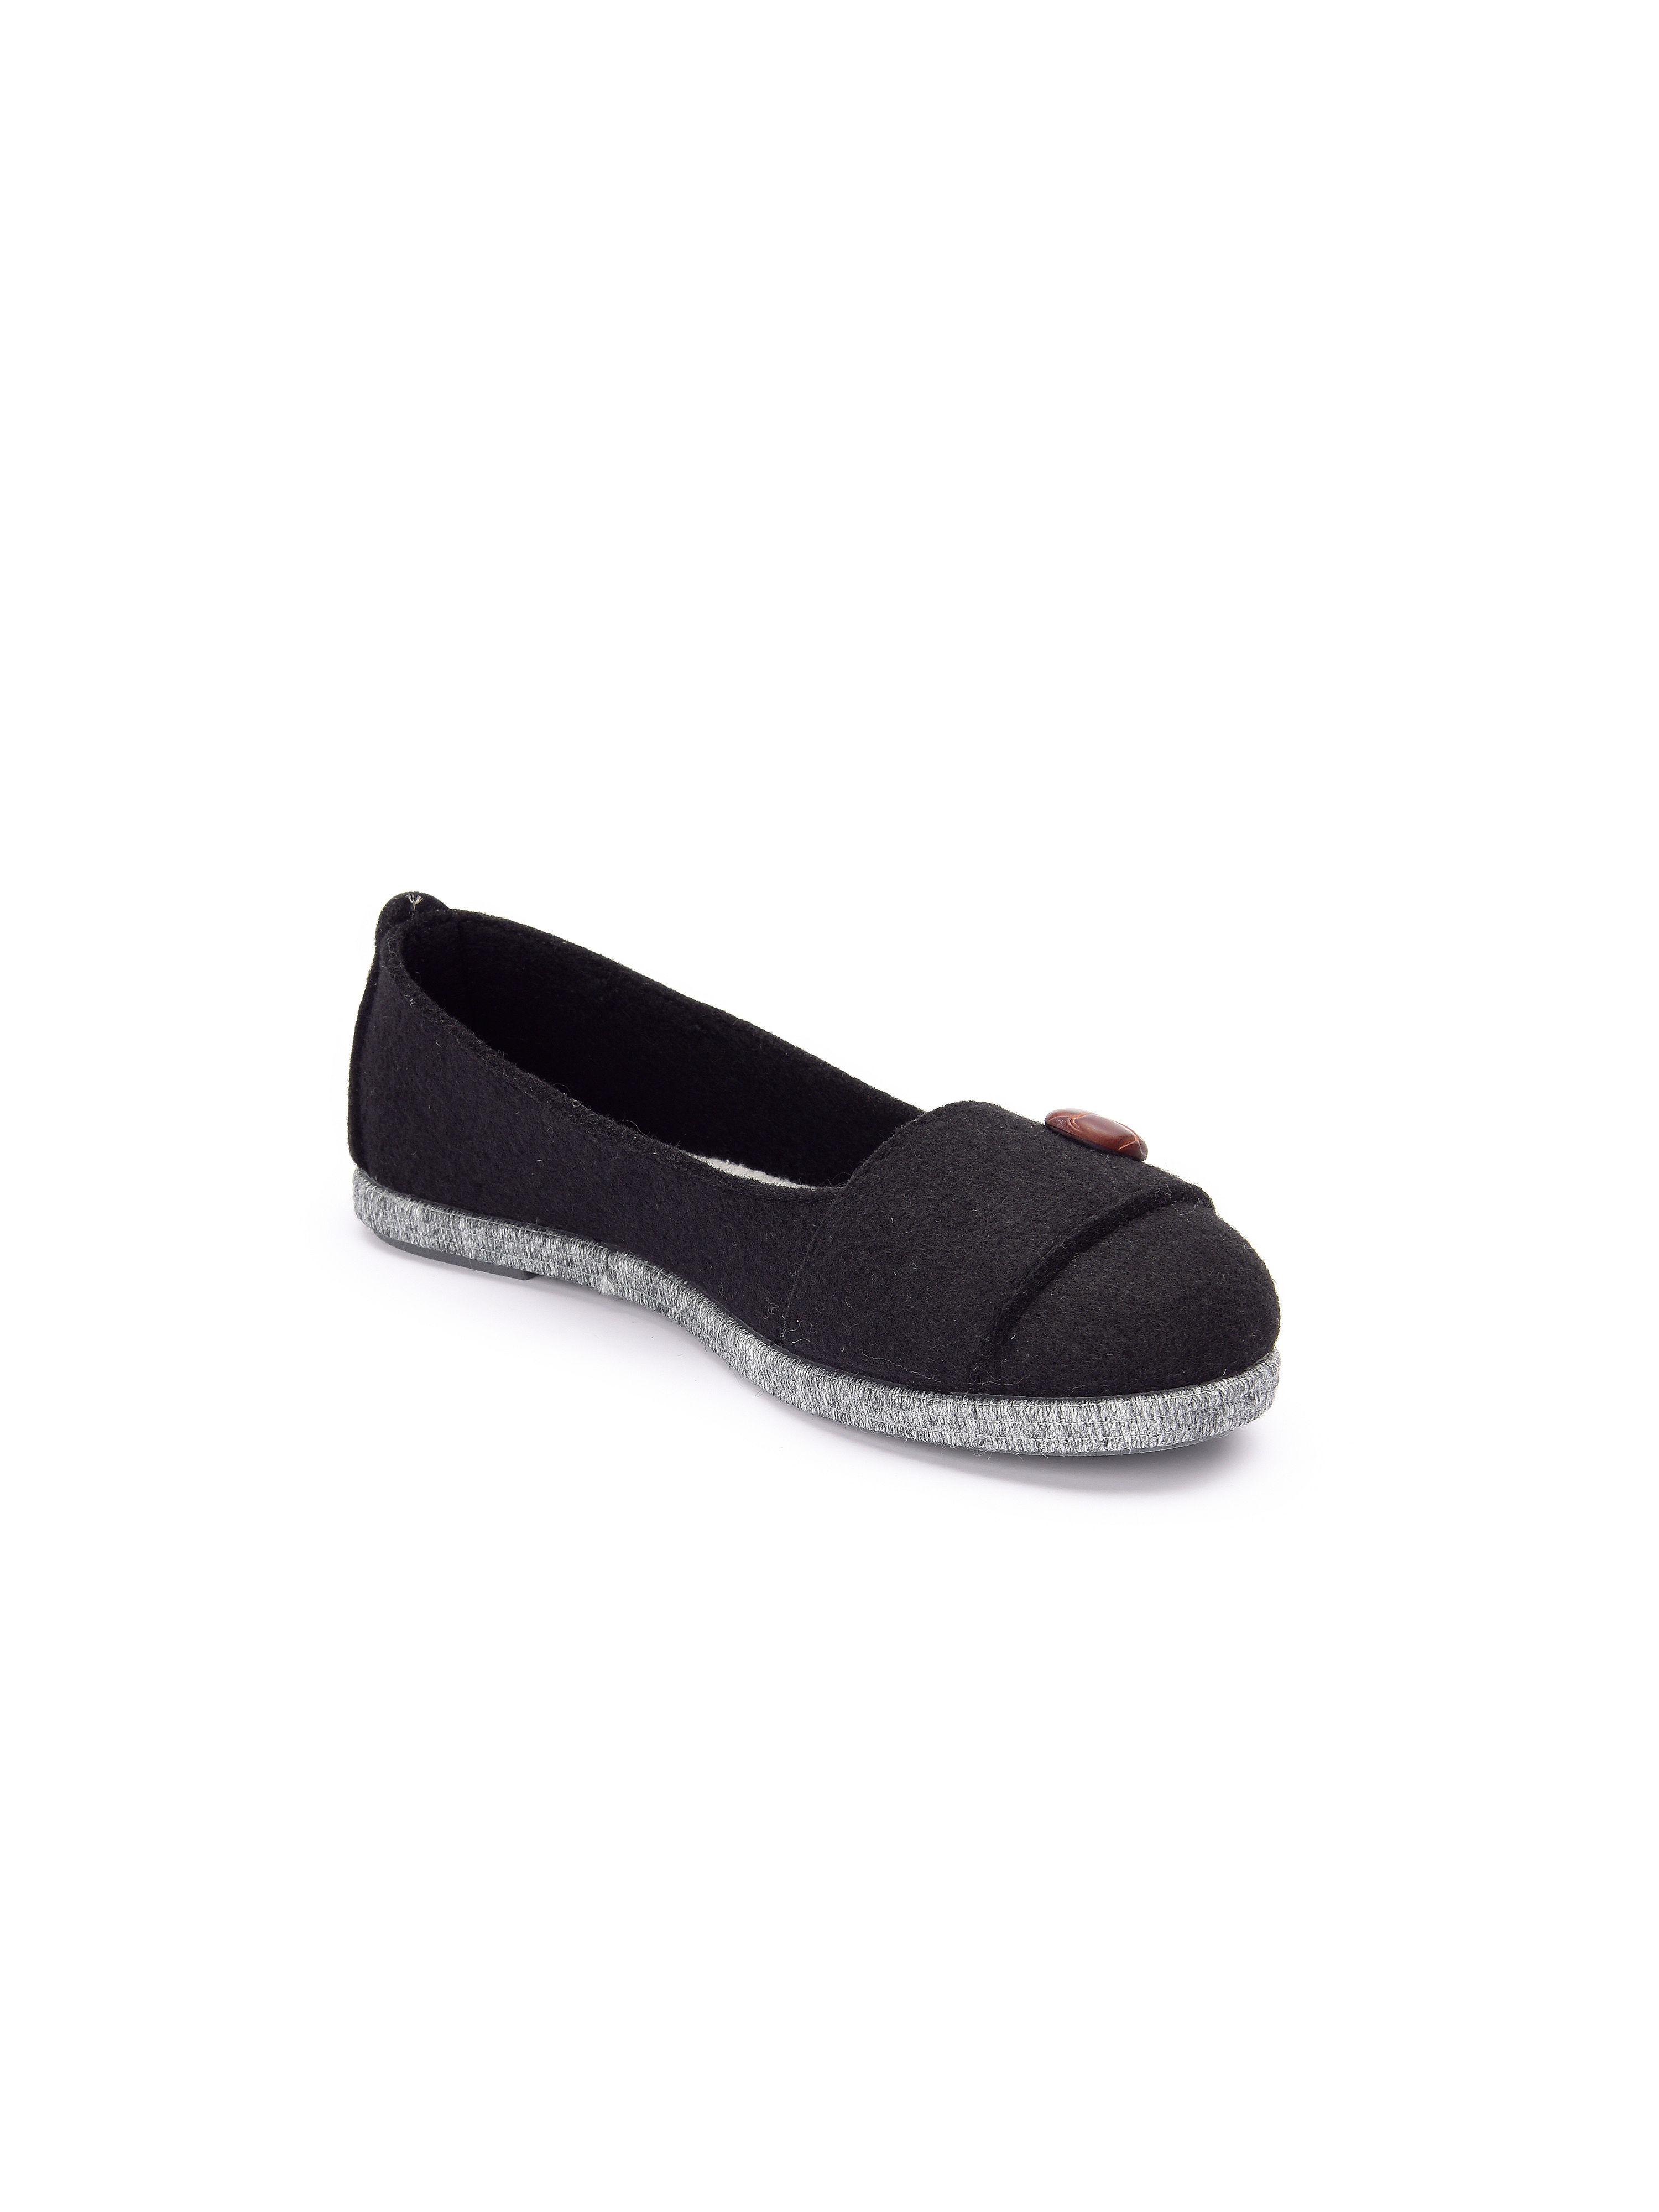 Shepherd - Ballerina - Schwarz Gute Qualität beliebte Schuhe